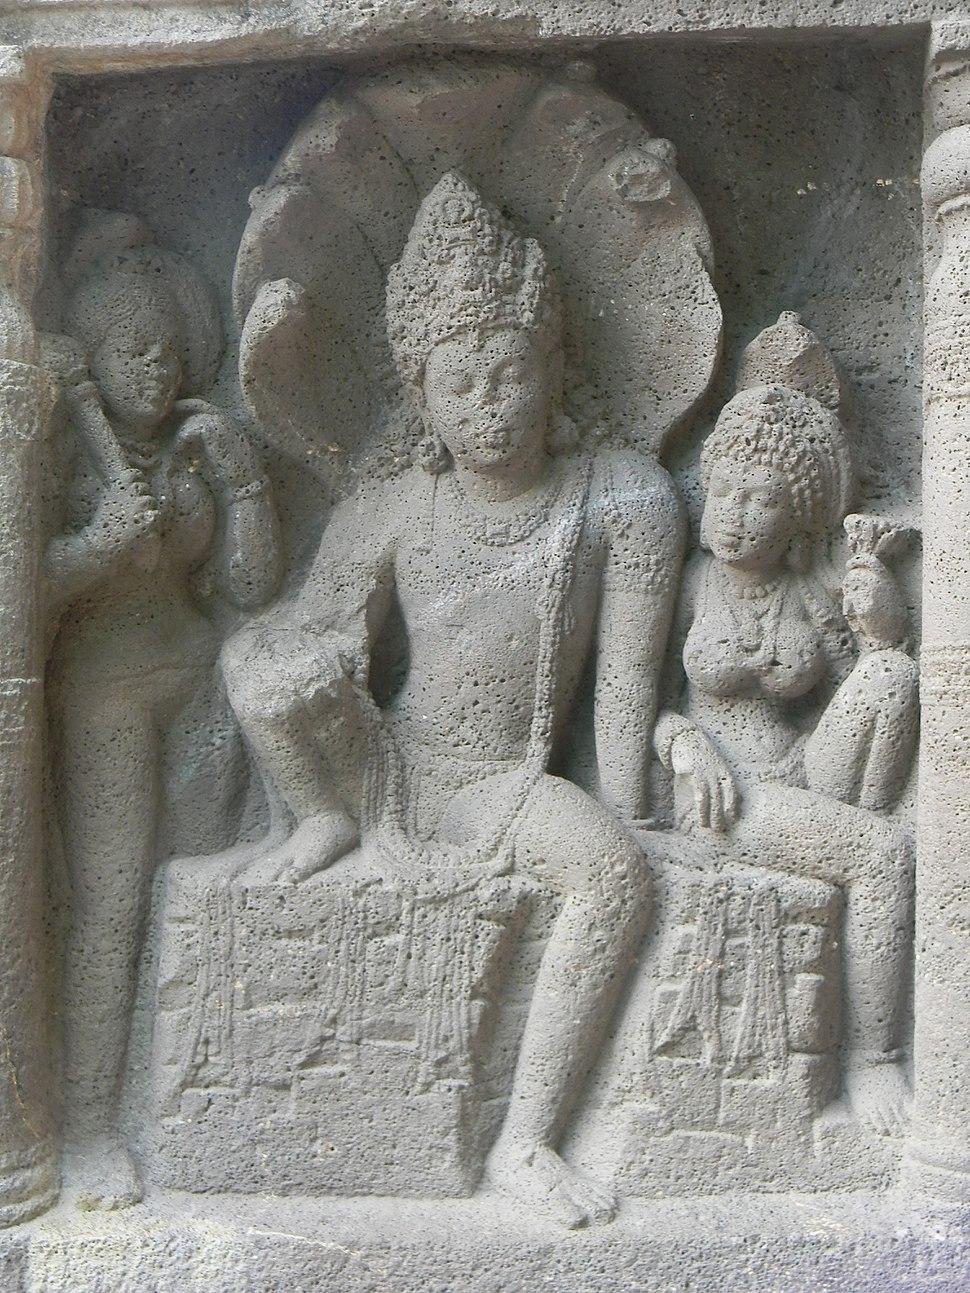 Engravings in pathway of Ajanta